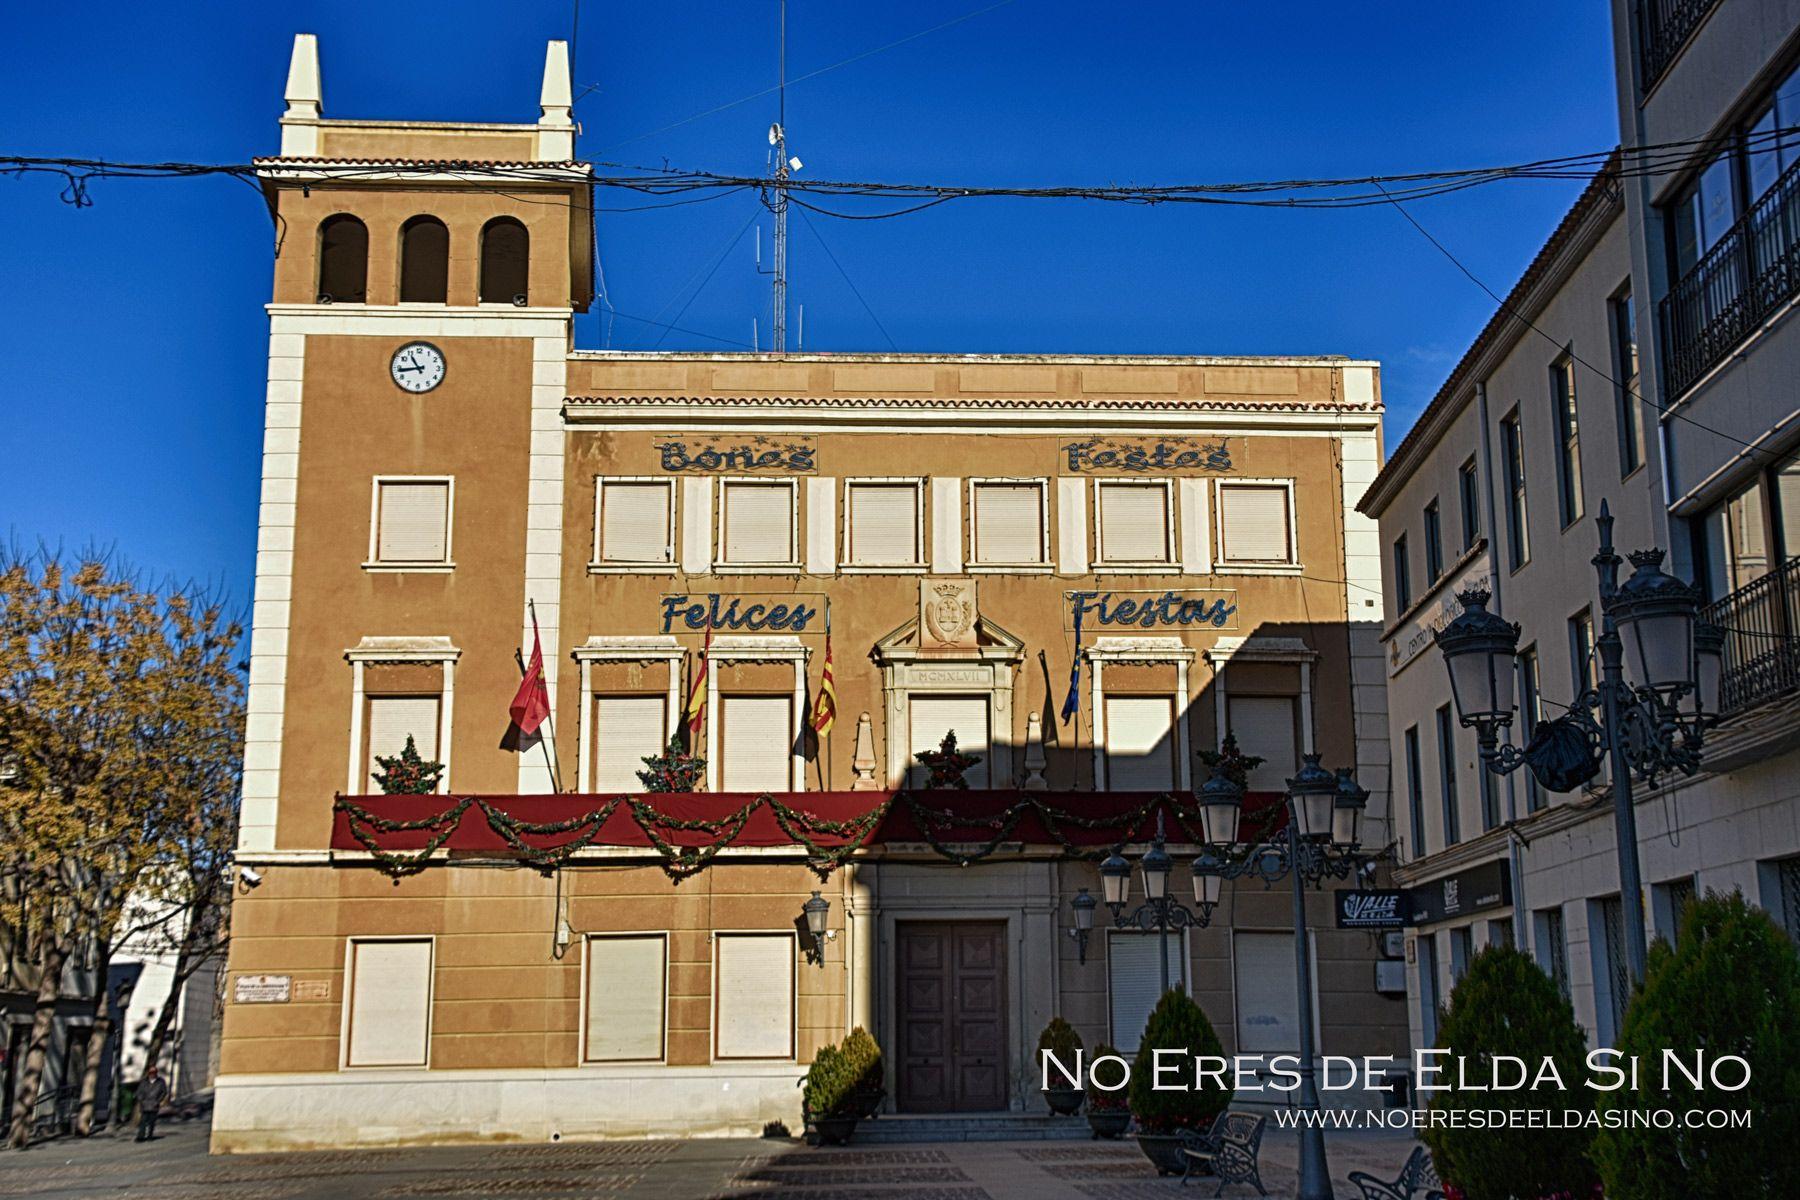 Felices Fiestas Bones Festes Ayuntamiento de Elda